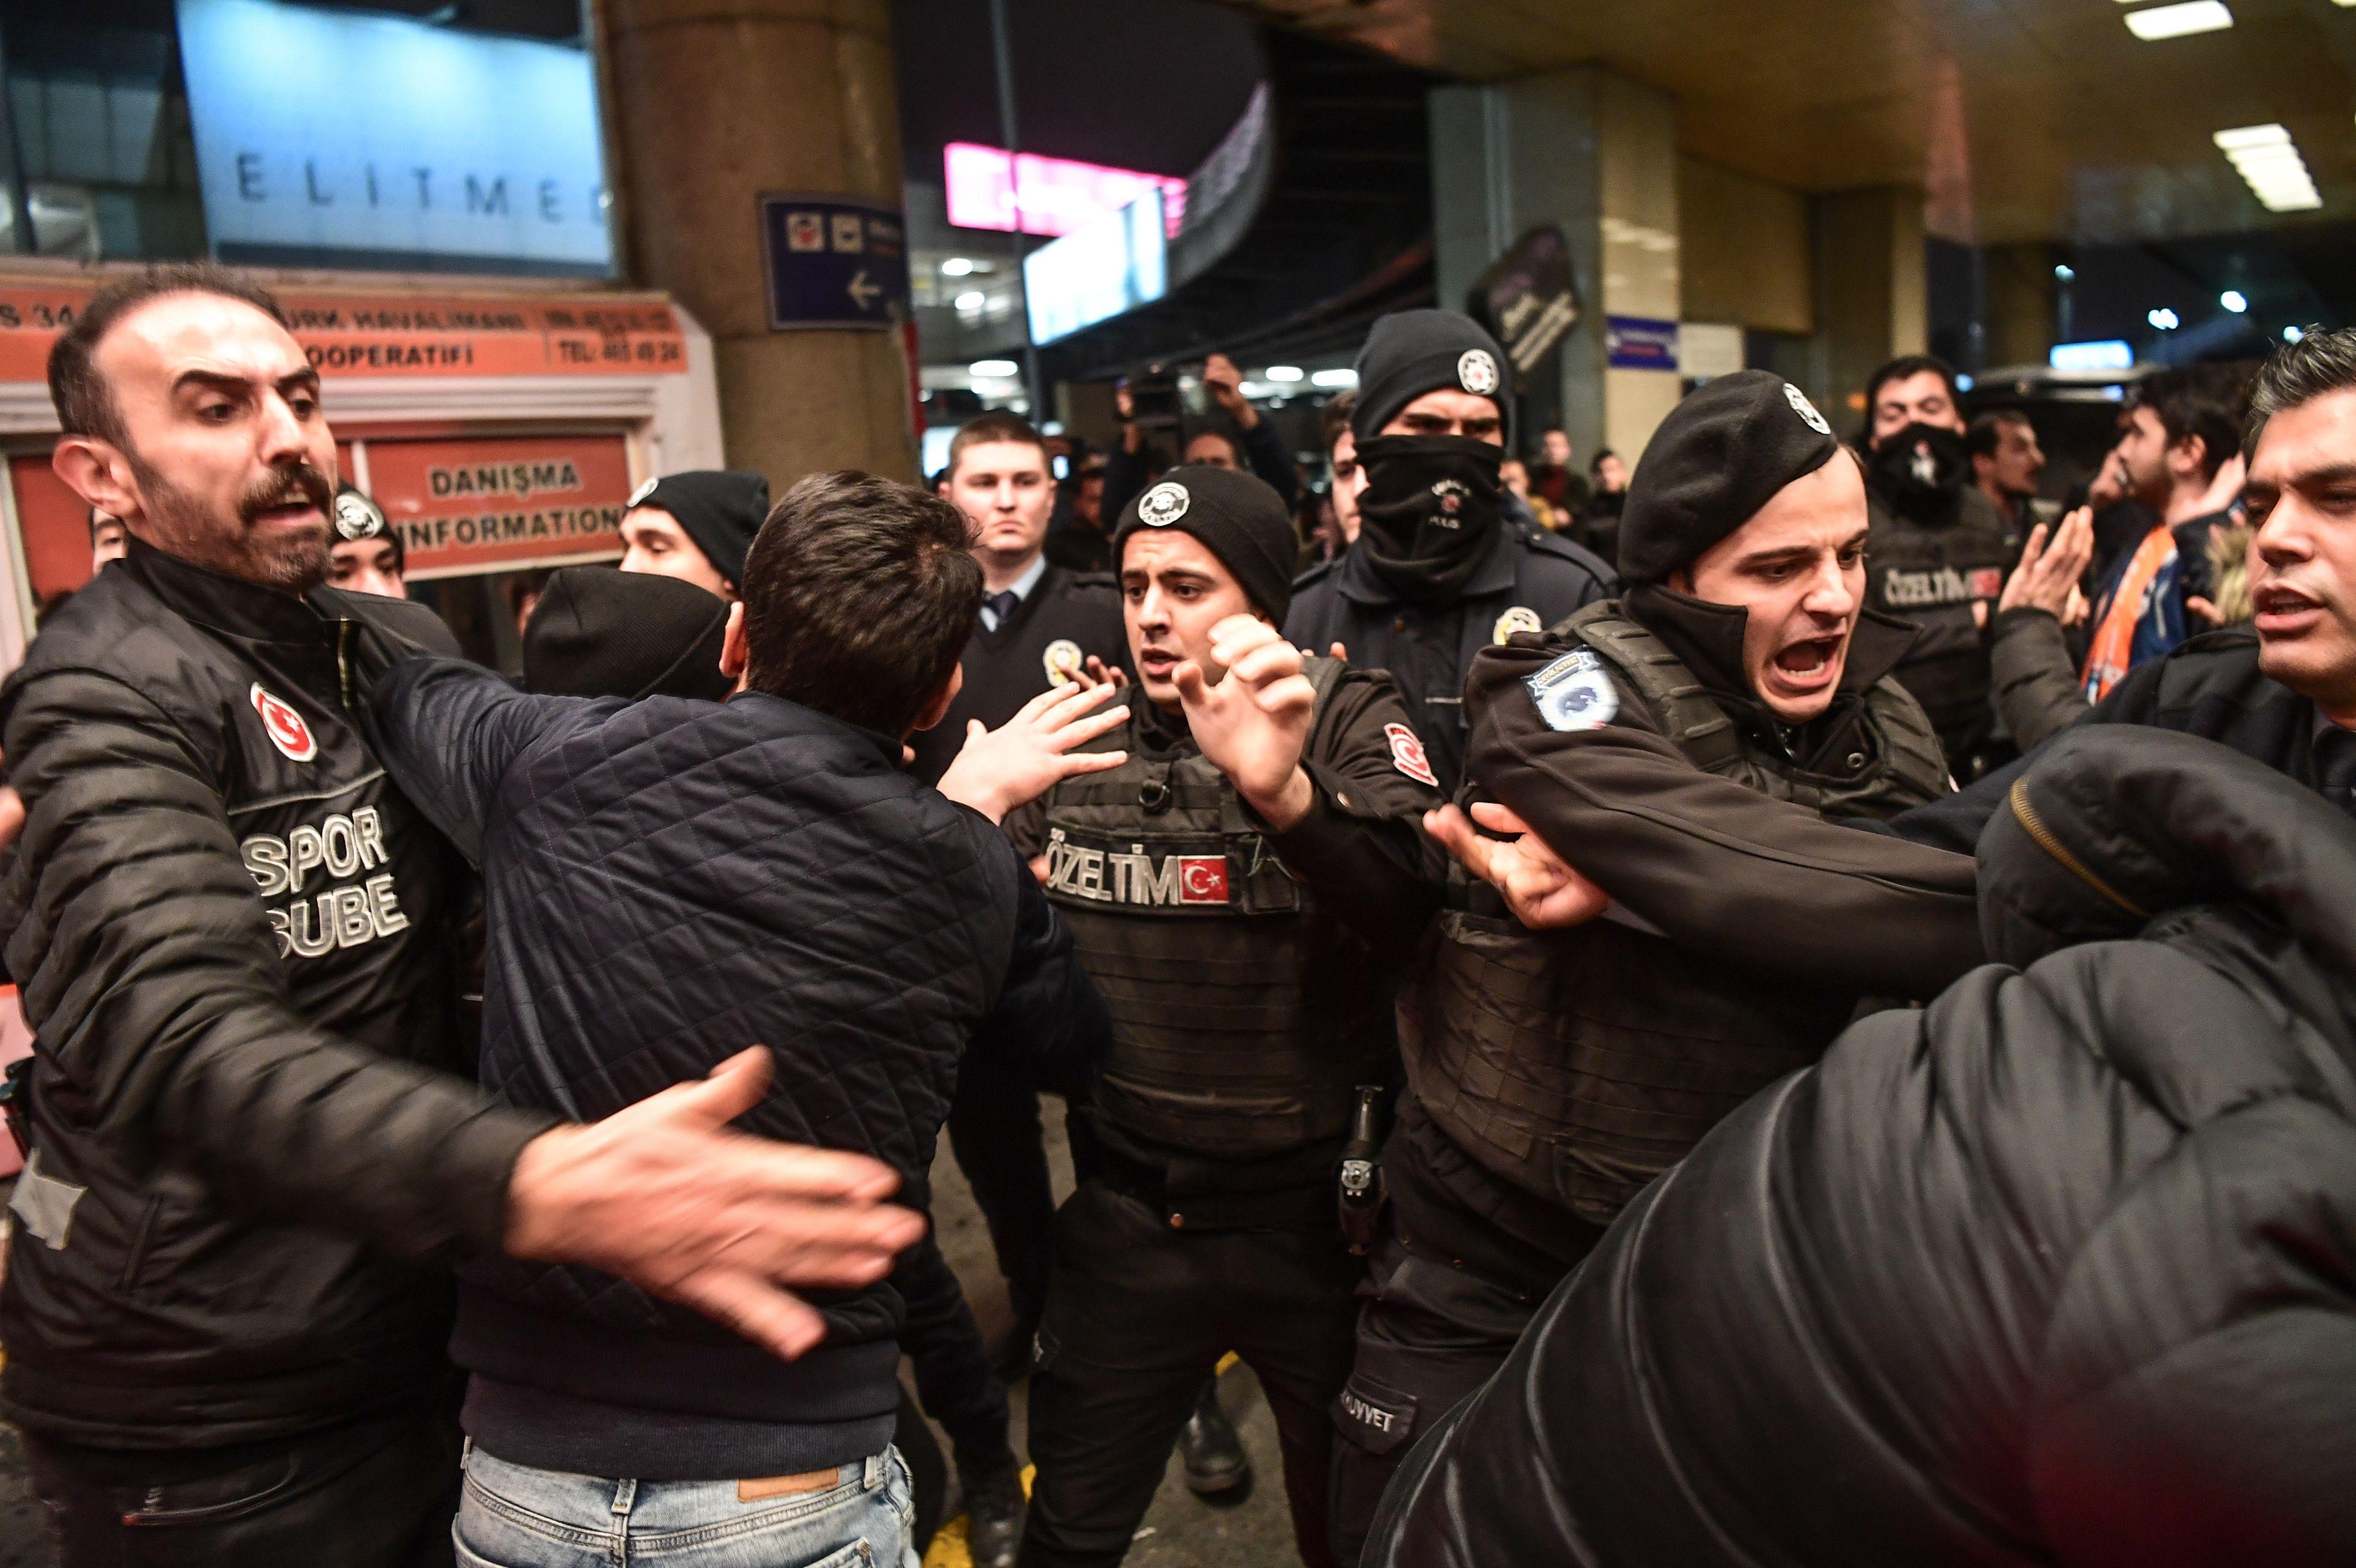 اشتباكات بين الجماهير والشرطة